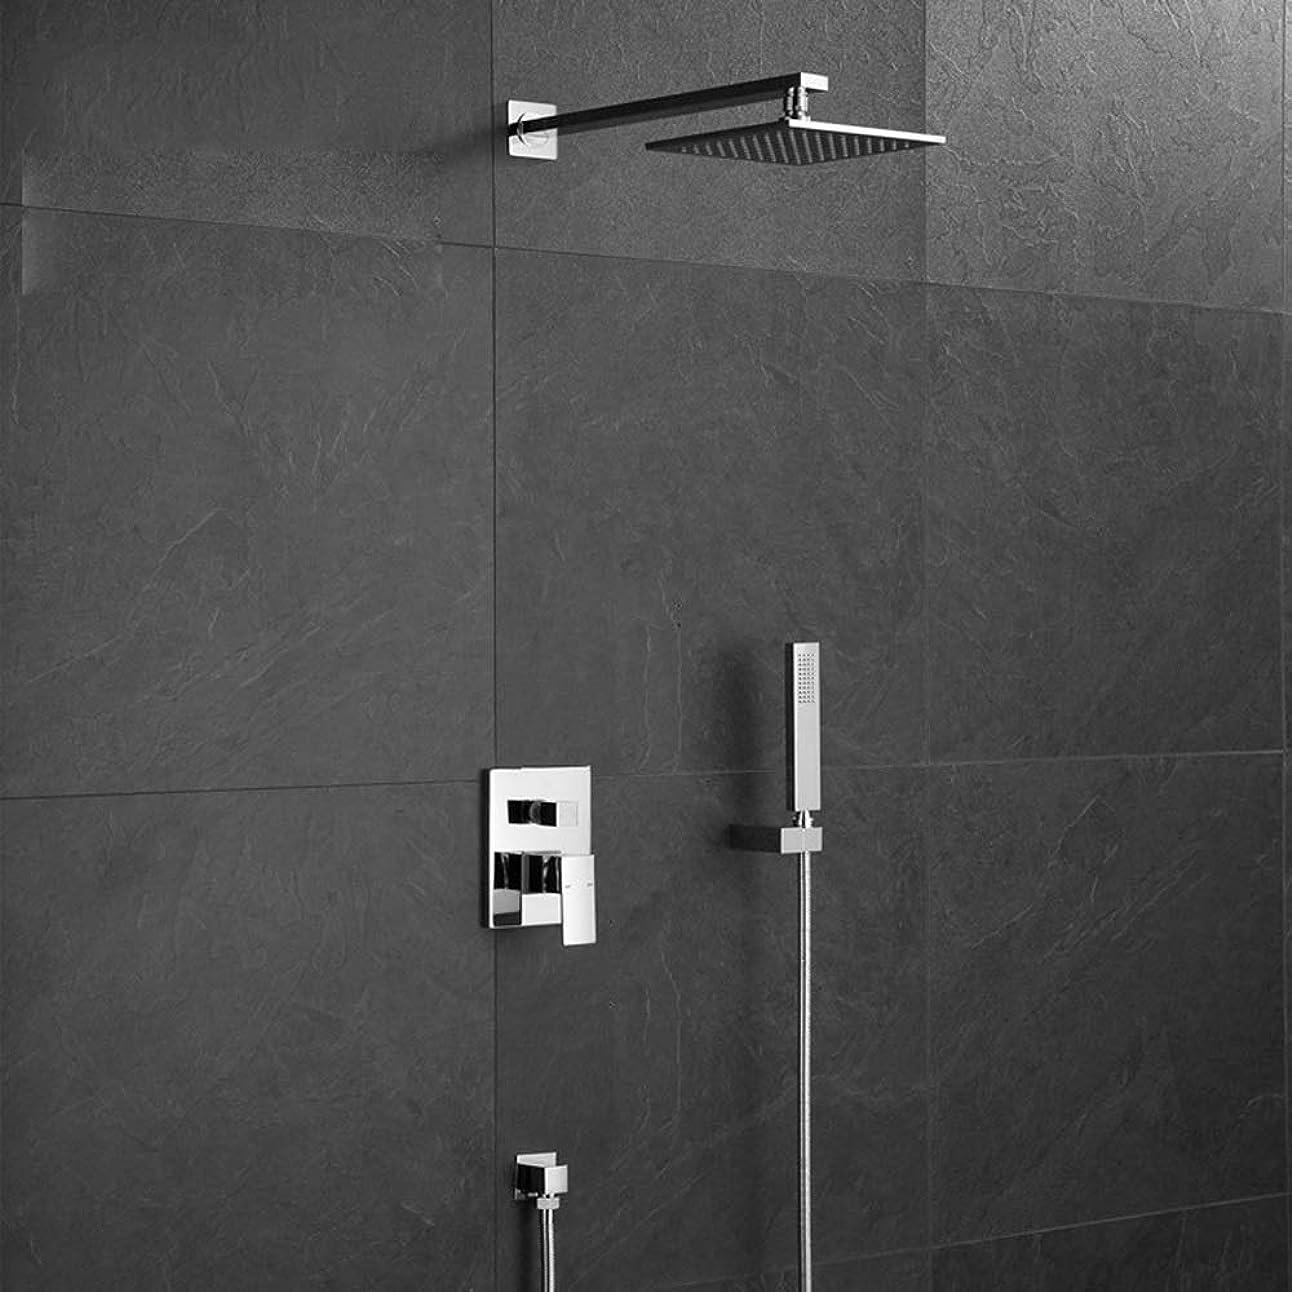 またはどちらかエンディング単なるZY-YY 壁掛けホット&コールド広場ハンドヘルドシャワーシャワーセット天井スカイカーテンがバルブ美しい実用的なミキシングシャワーの蛇口シャワー